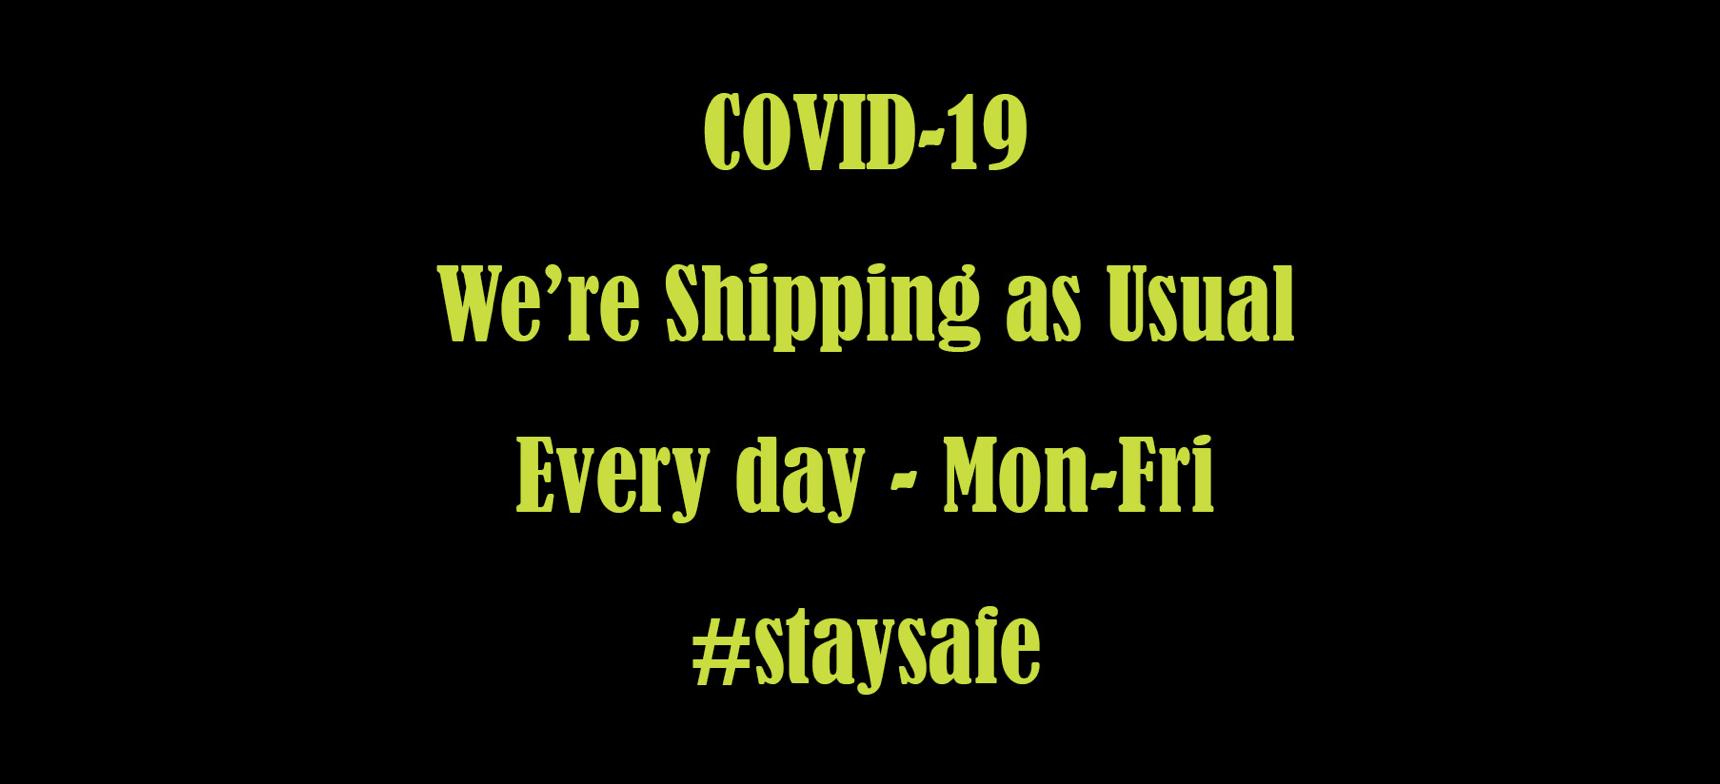 Still shipping despite Covid